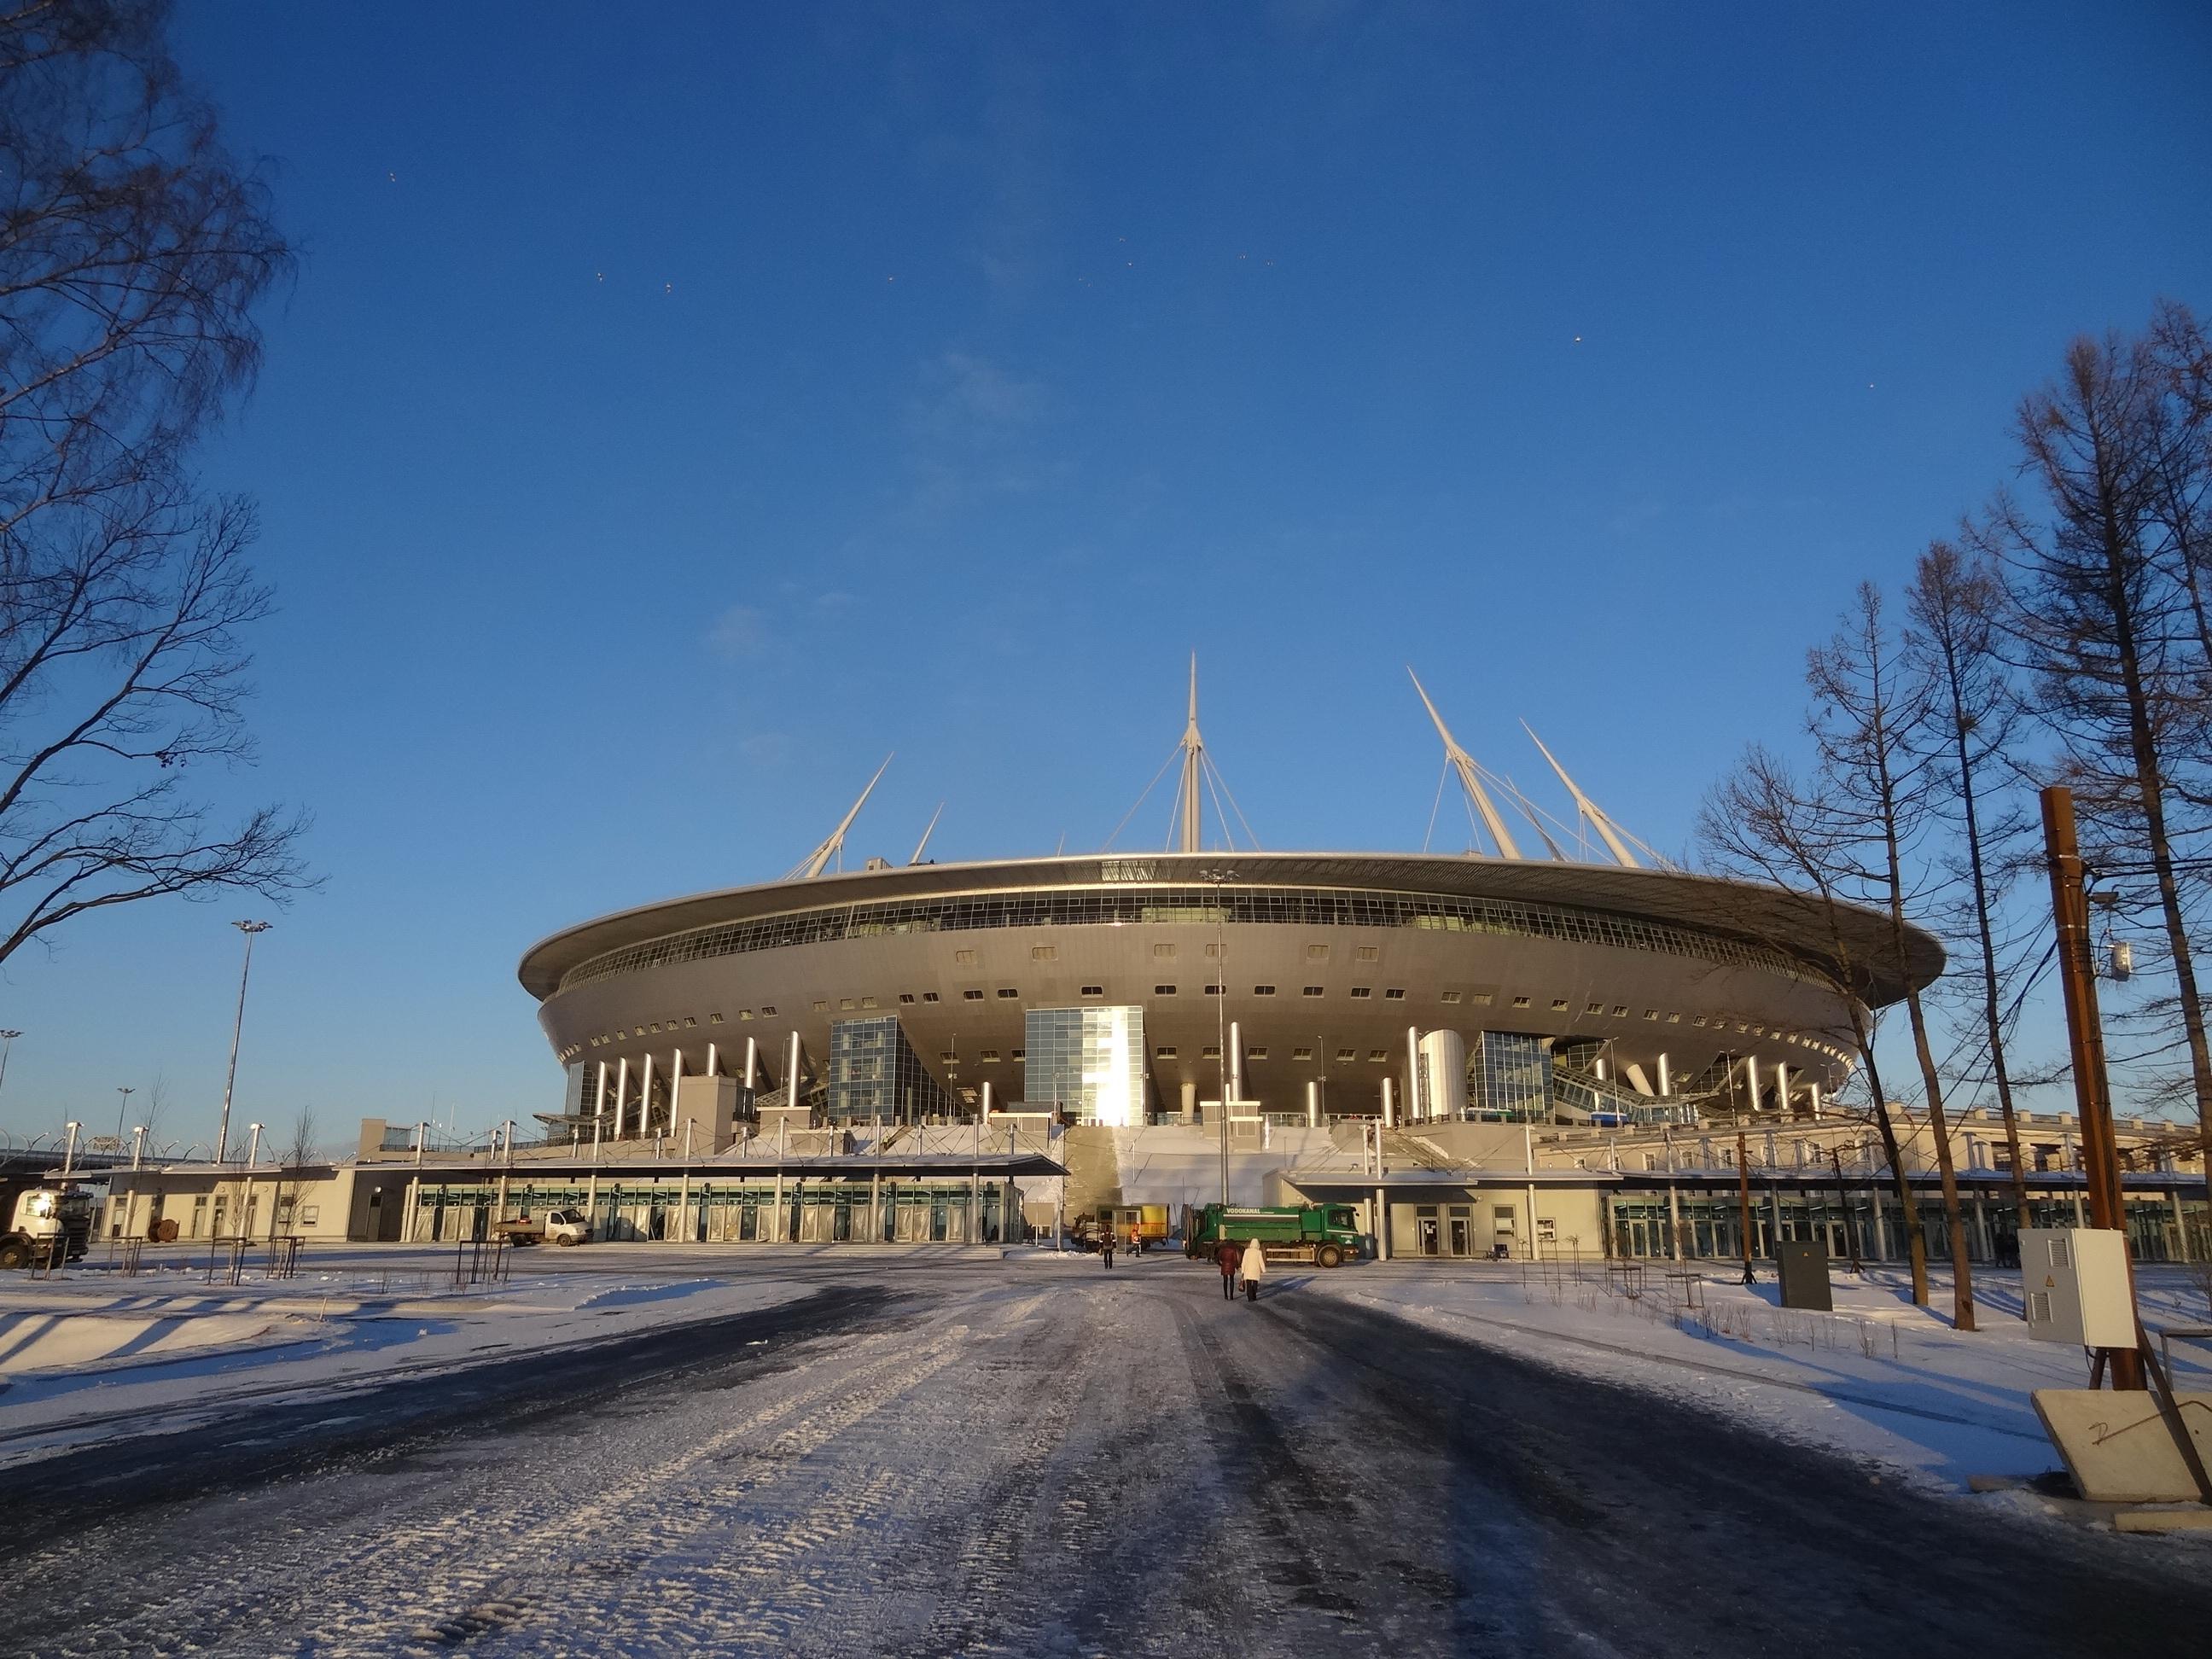 Фотографии зданий и сооружений, построенных с применением конструкций, изготовленных ООО«СКСтройкомплекс-5»